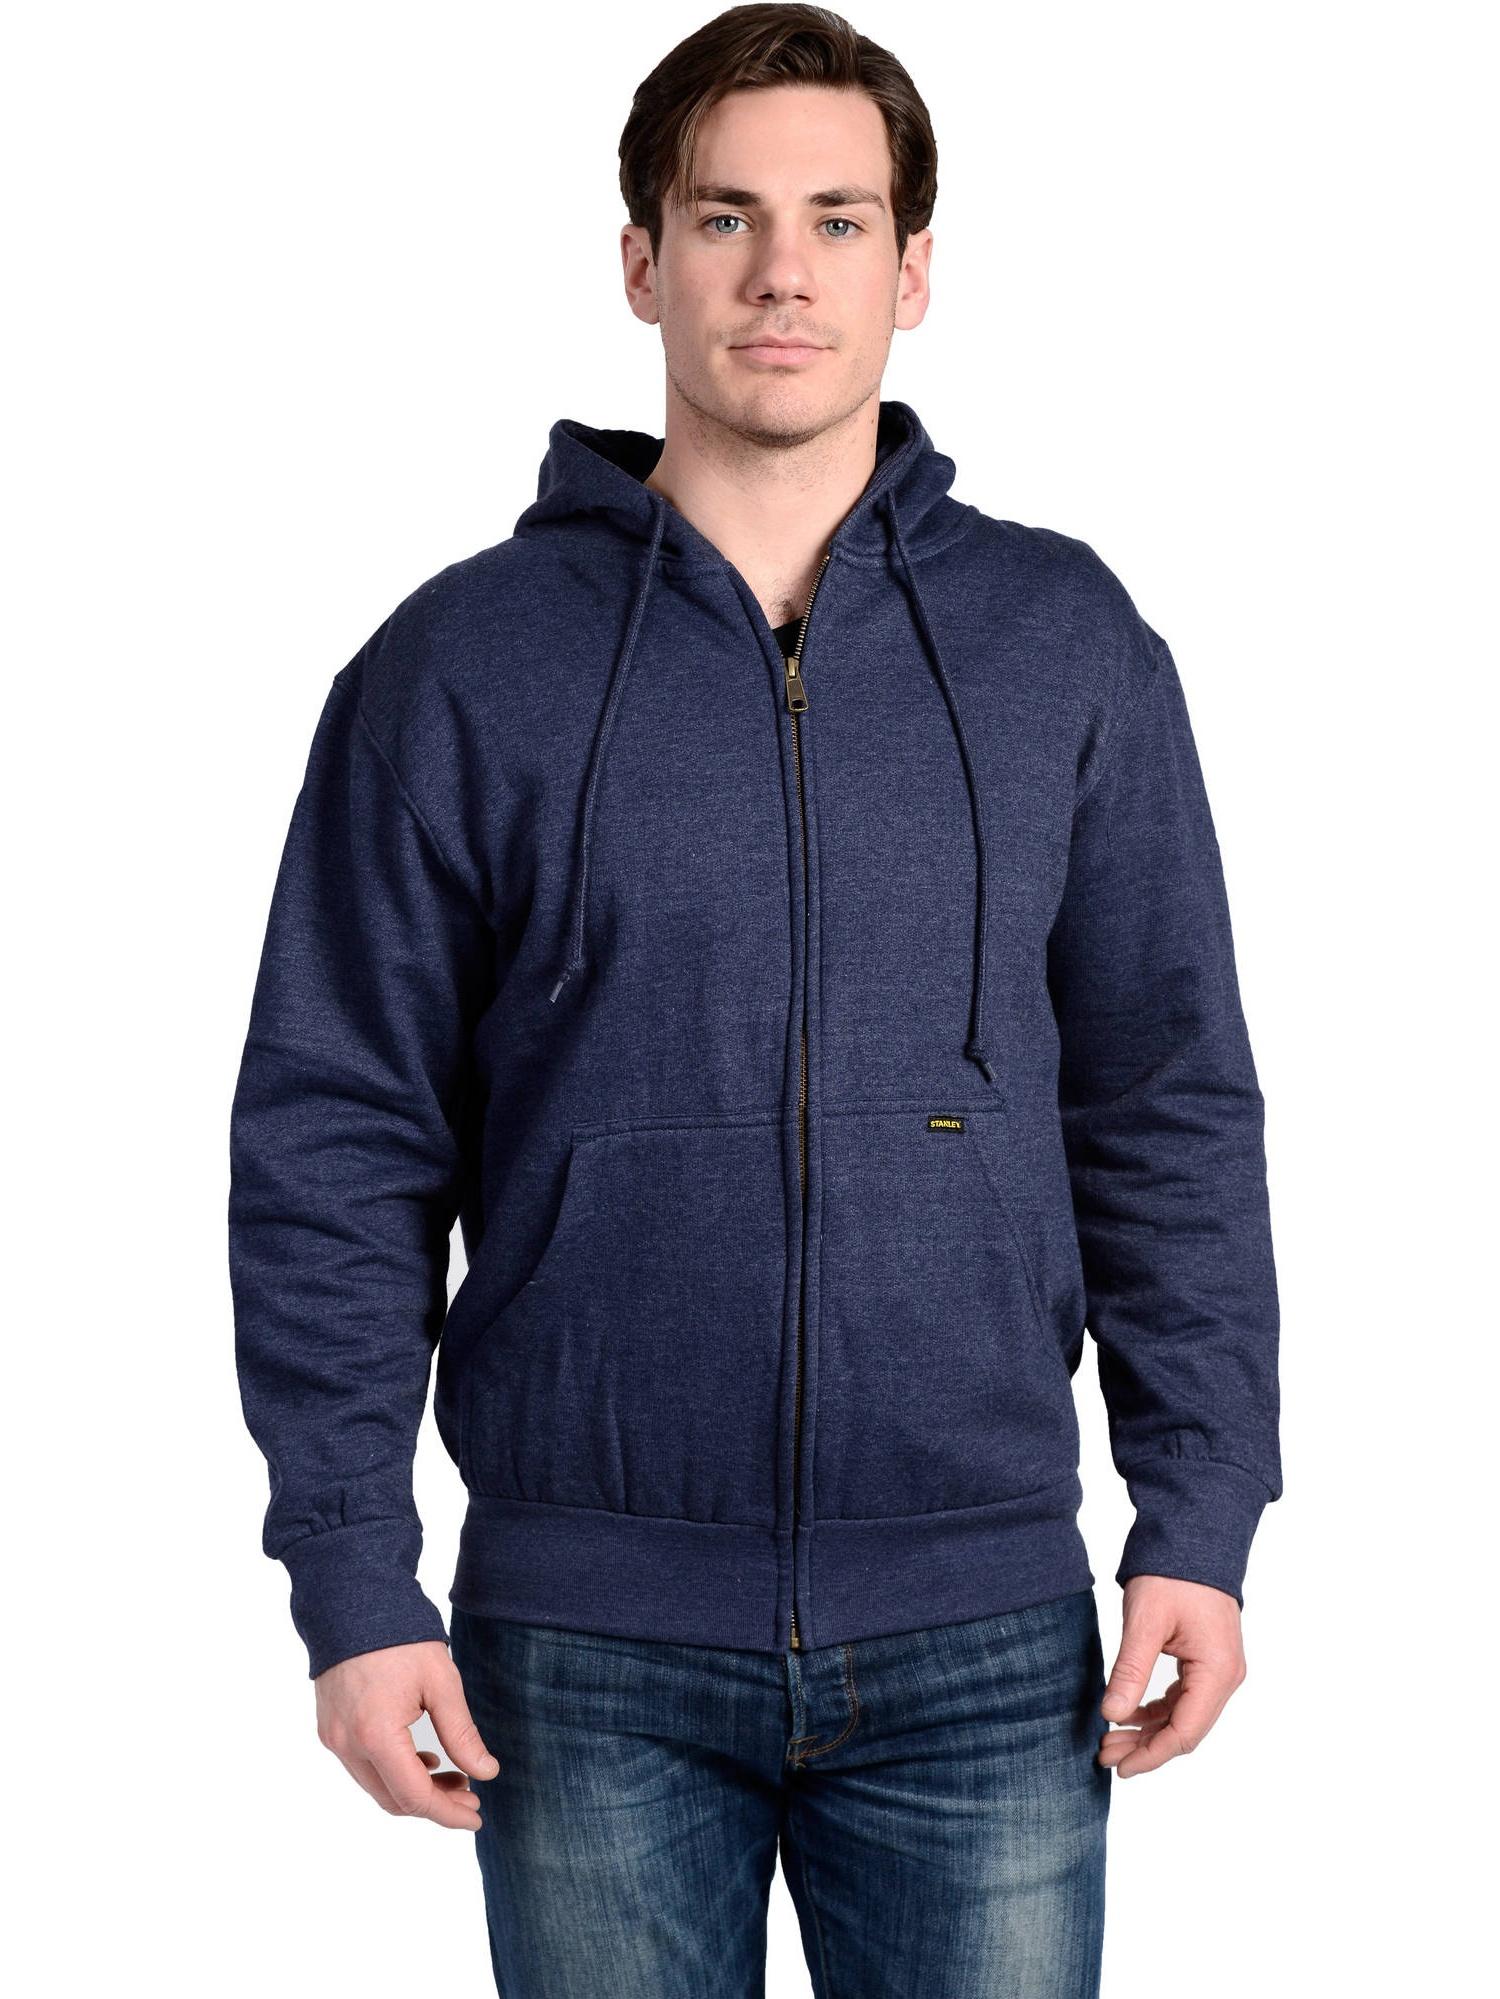 Big Men's Thermal Lined Fleece Hoodie